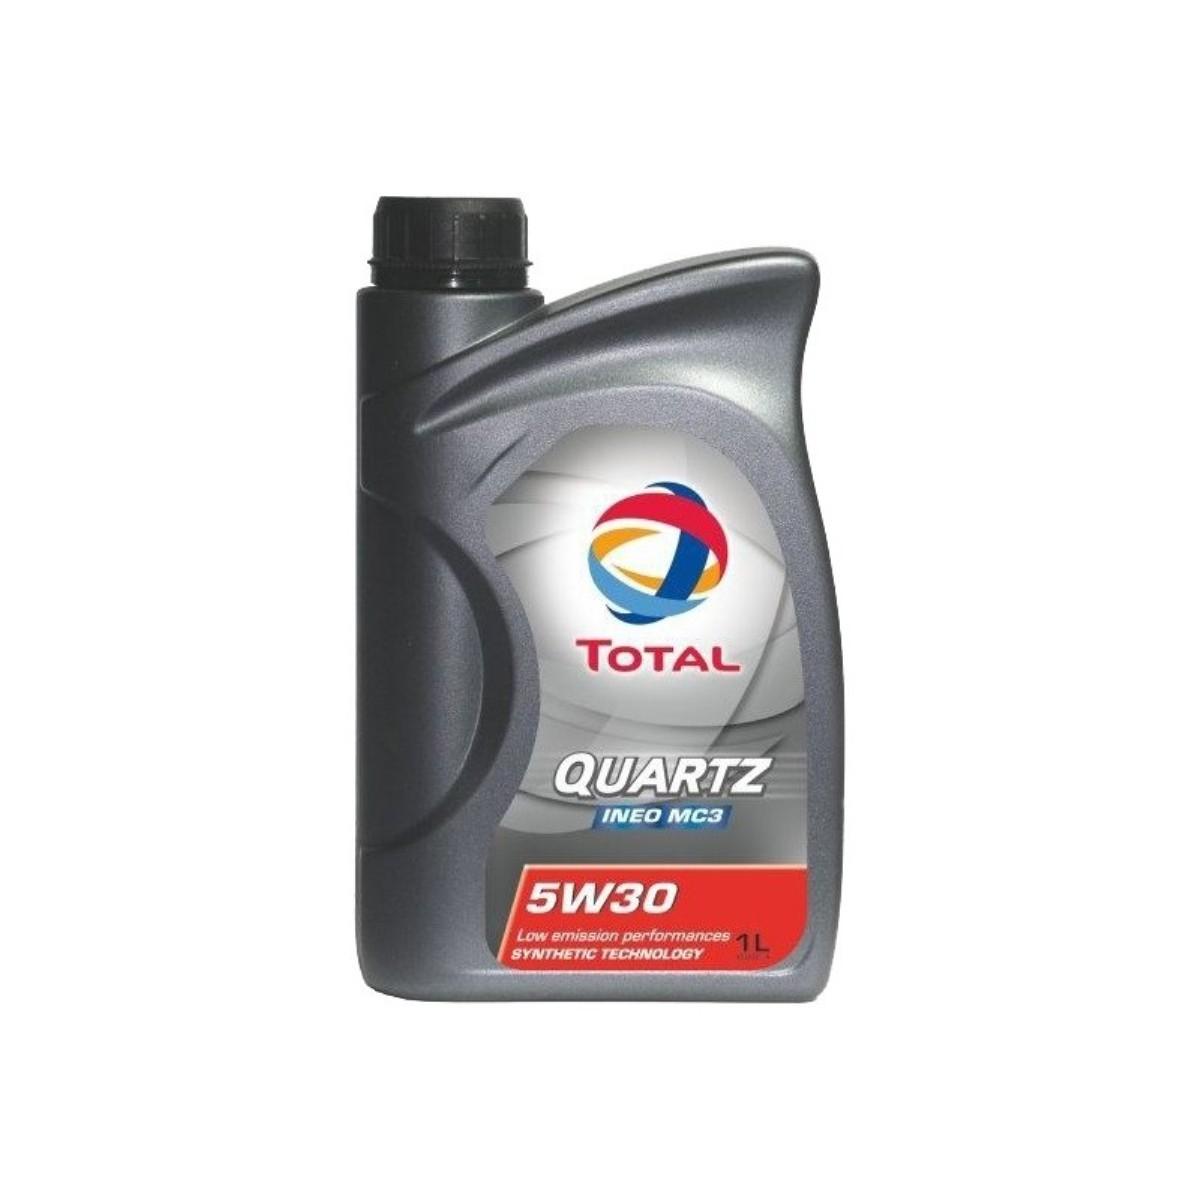 Моторное масло Total Quartz Ineo ECS 5w-30, 1 л166252TOTAL Quartz Ineo ECS SAE 5W-30 необходимо для правильного функционирования дизельногосажевого фильтра, также как и других систем последующей обработки выхлопных газов. Можетприменяться при наиболее сложных режимах эксплуатации и в самых трудных условиях(автомагистрали, интенсивное городское движение). Имеет пониженную сульфатную зольность инизкое содержание фосфора и серы. Удовлетворяет техническим требованиям TOYOTA.Специально разработано для двигателей PEUGEOT и CITROEN. Спецификация ACEA C2;A5;B5;PSA B71 2290.